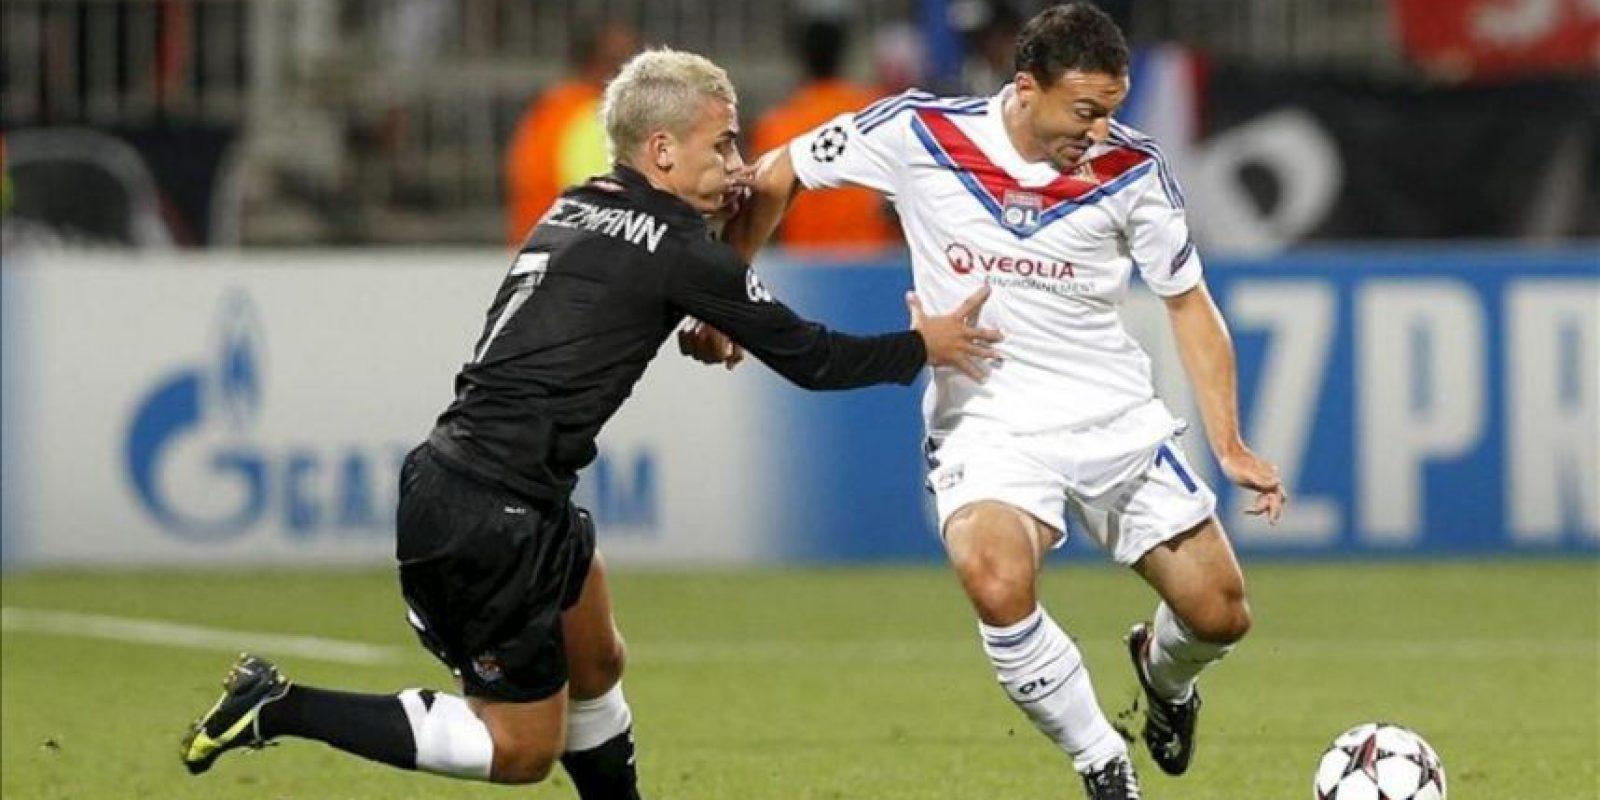 El jugador francés de la Real Sociedad, Antoine Griezmann (izda), pelea por el control del balón con el jugador del Olympique de Lyon, Steed Malbranque, durante el partido de clasificación para la Liga de Campeones disputado en el estadio Gerland de Lyon (Francia). EFE/Archivo